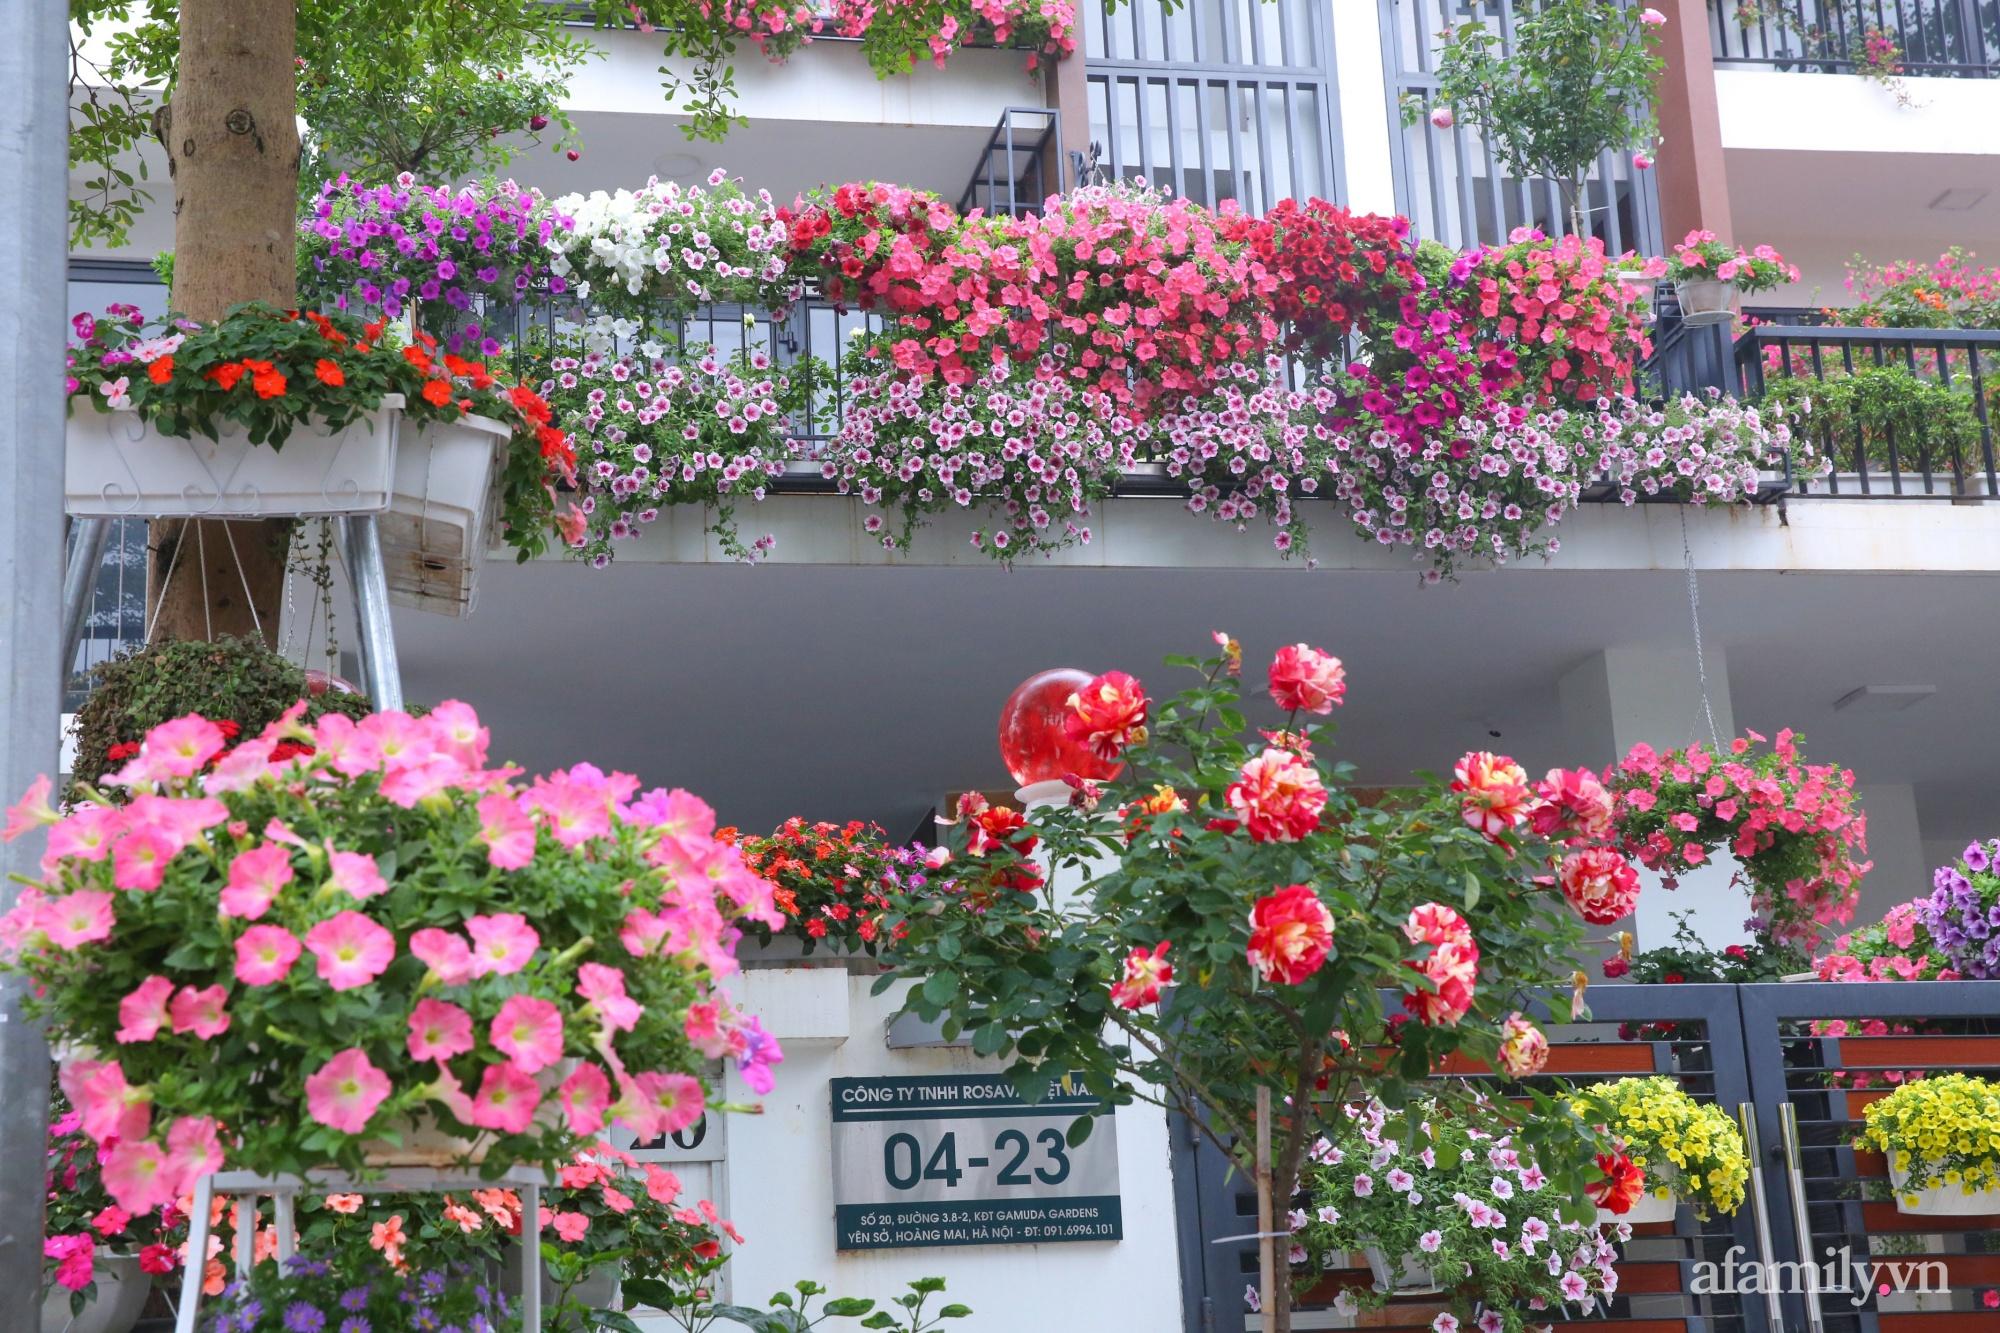 Kinh nghiệm trồng dạ yến thảo nở rực rỡ đủ sắc màu phủ kín mặt tiền nhà phố Hà Nội - Ảnh 9.